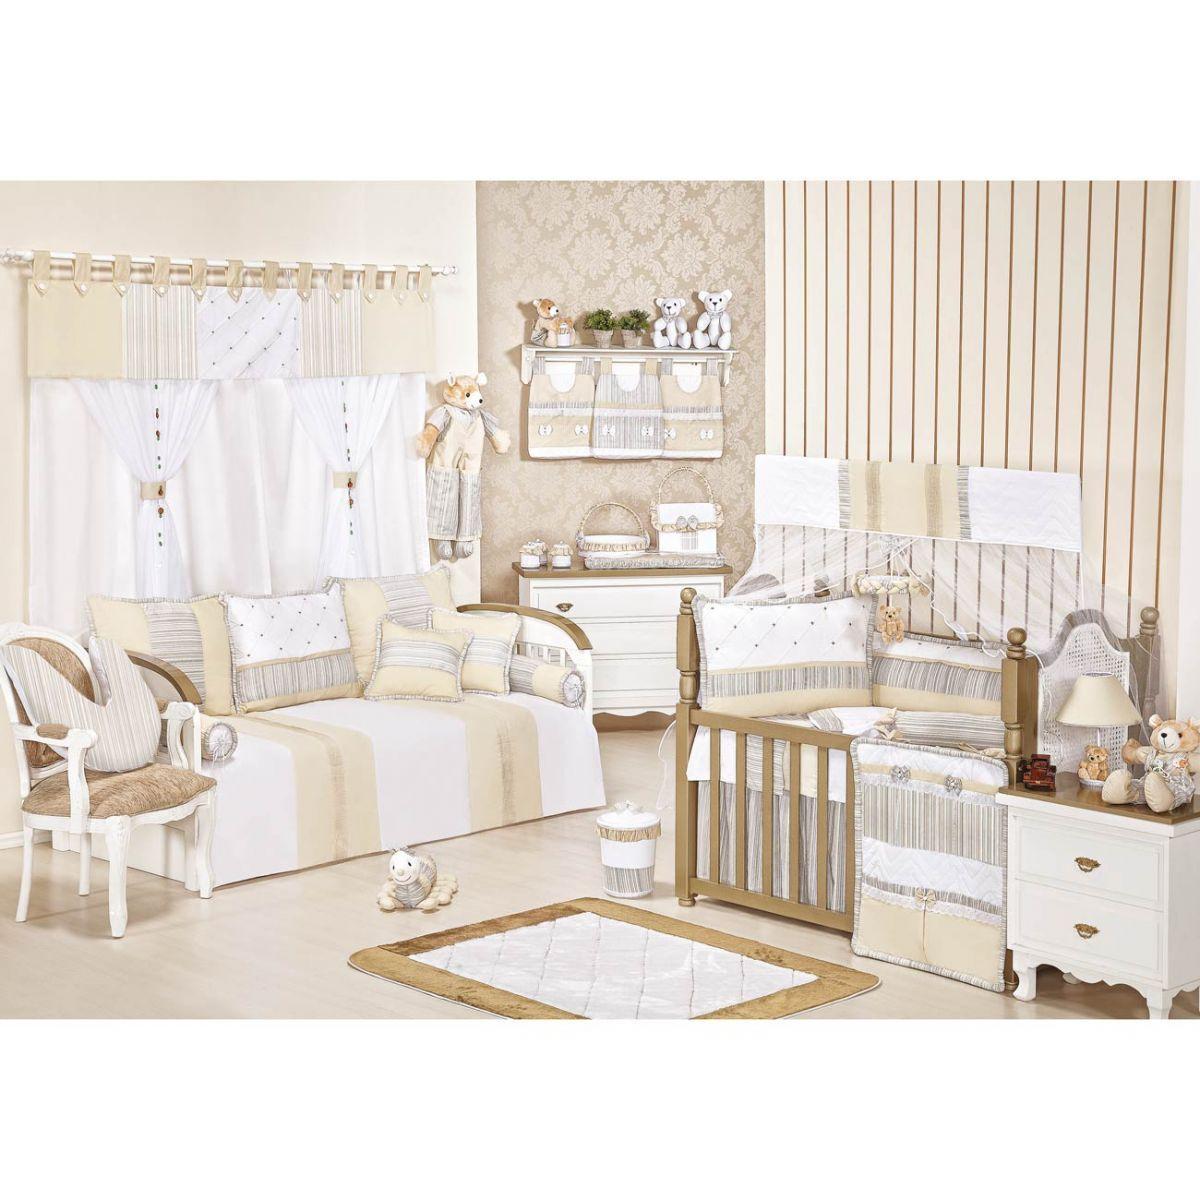 Lixeira Enfeitada p/ Quarto de Bebê - Coleção Capricho